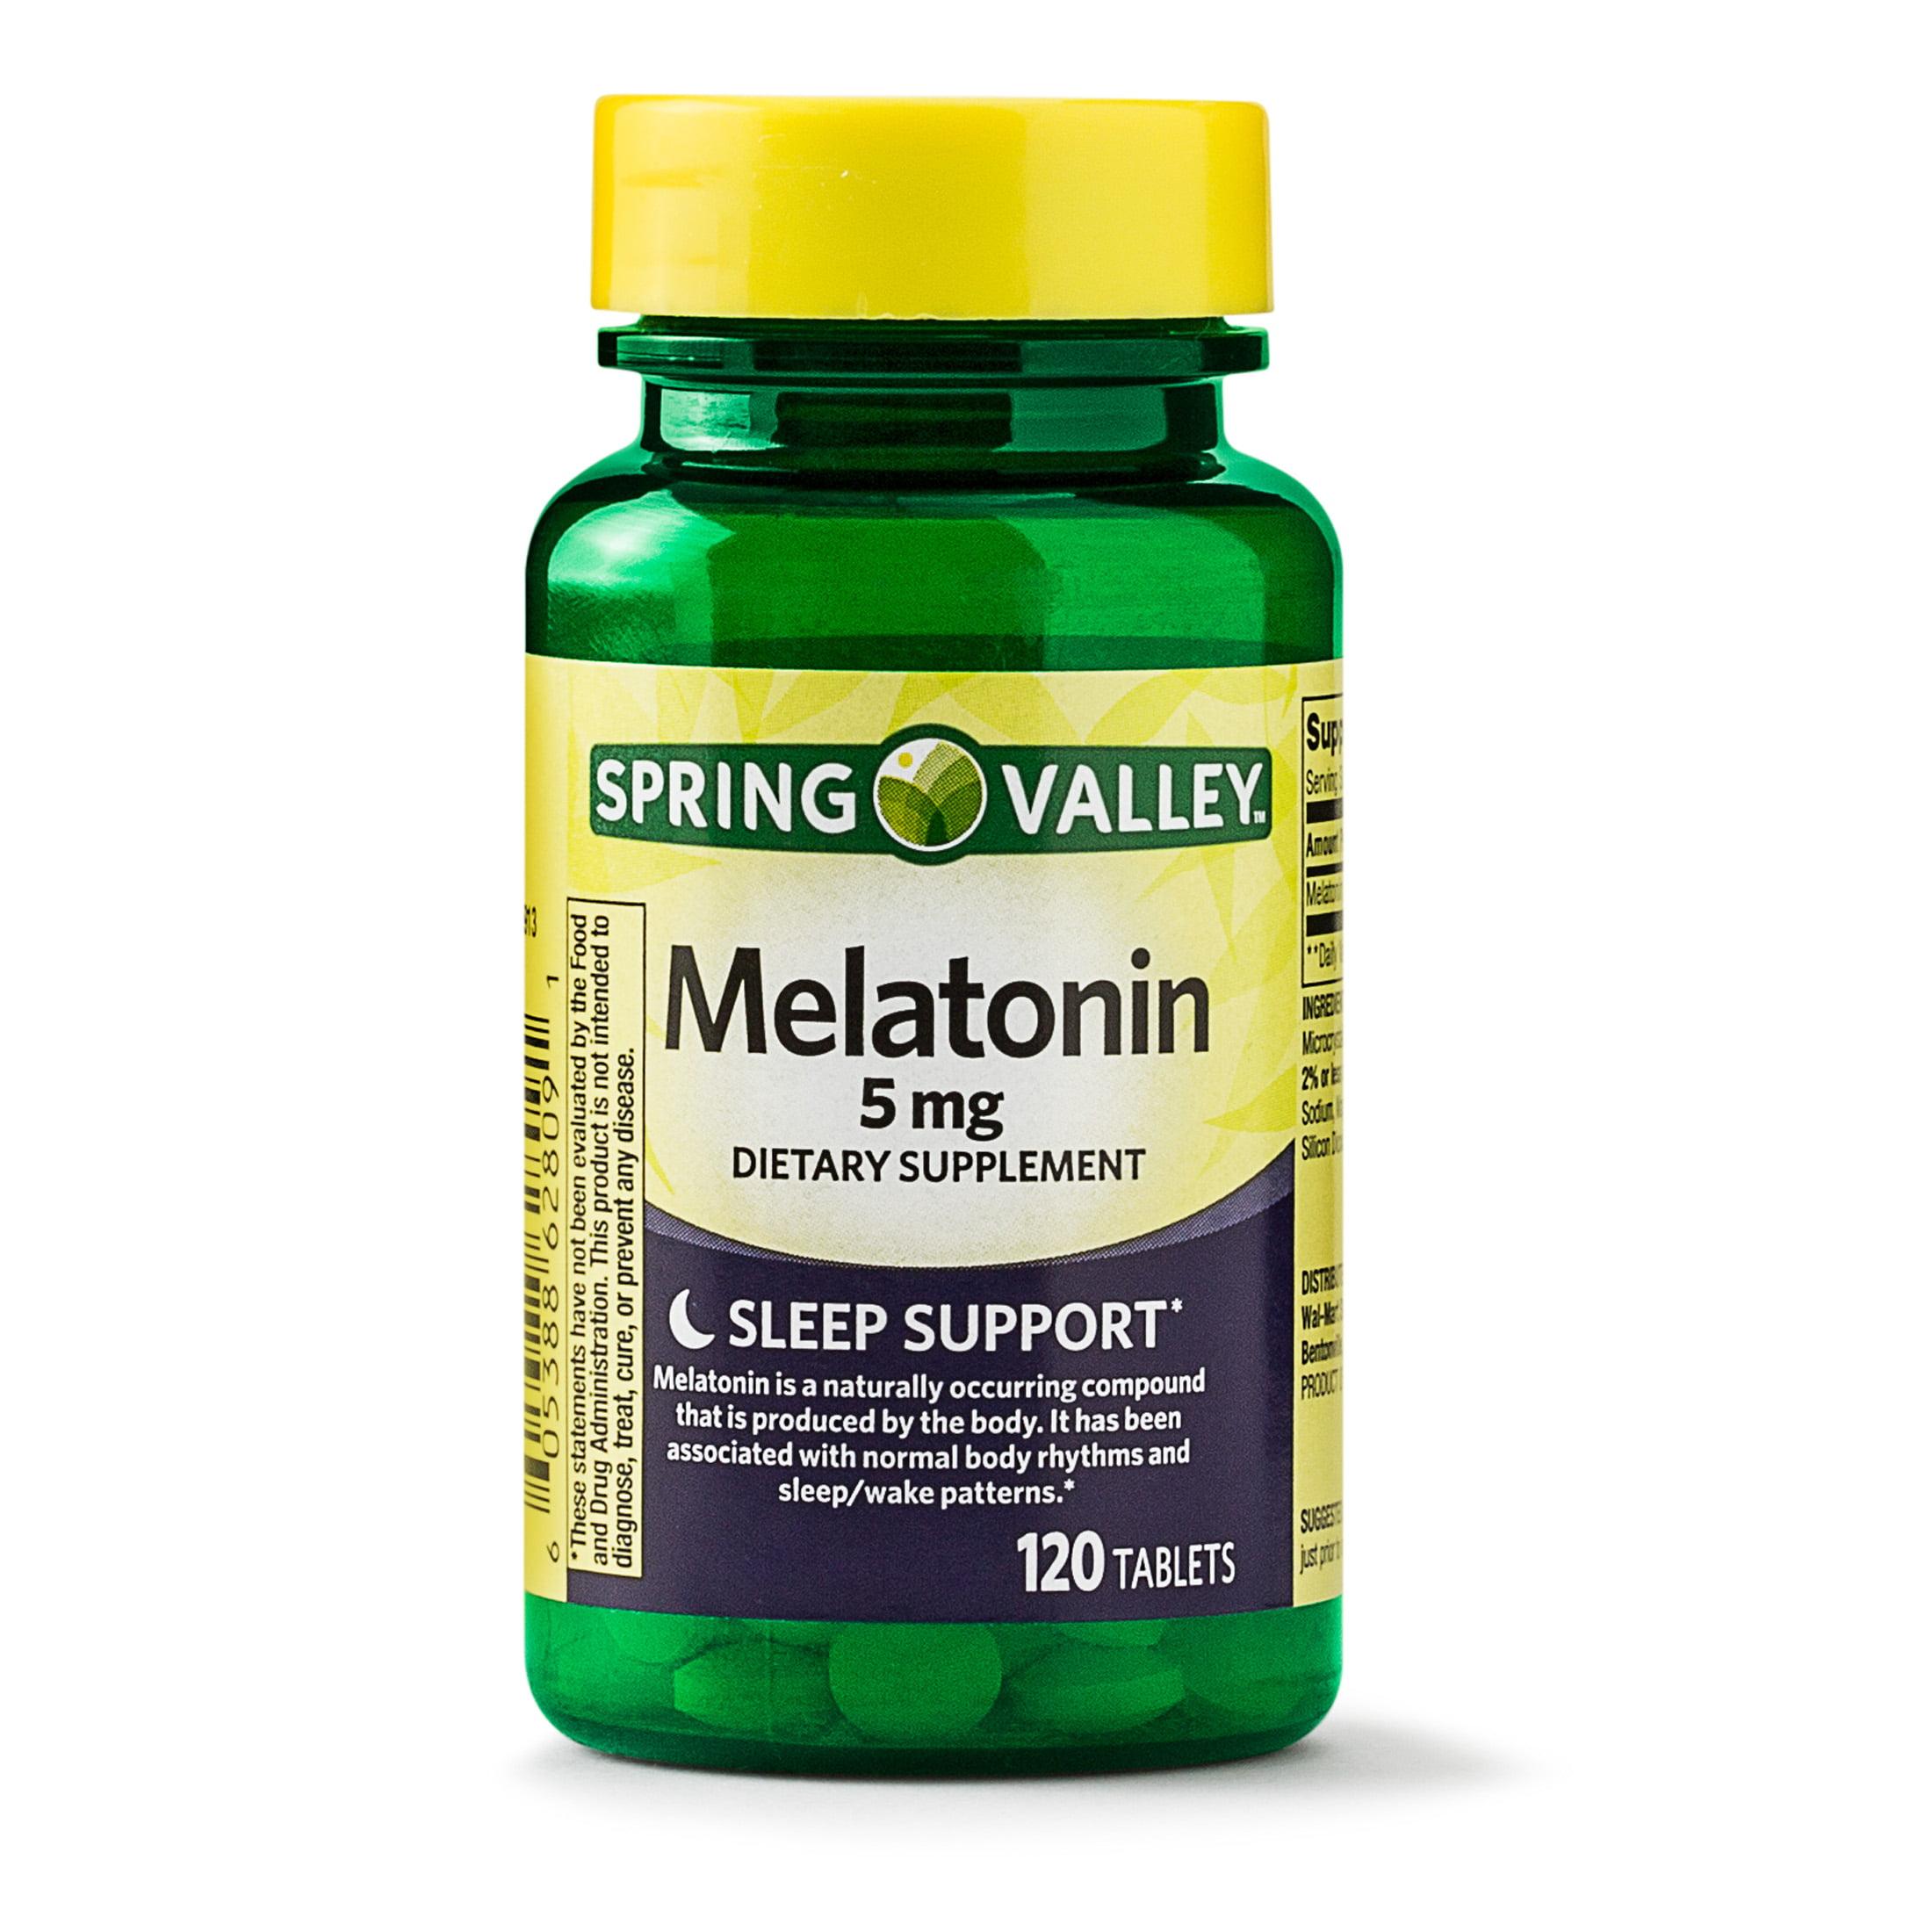 Spring Valley Melatonin Tablets, 5 mg, 120 Ct